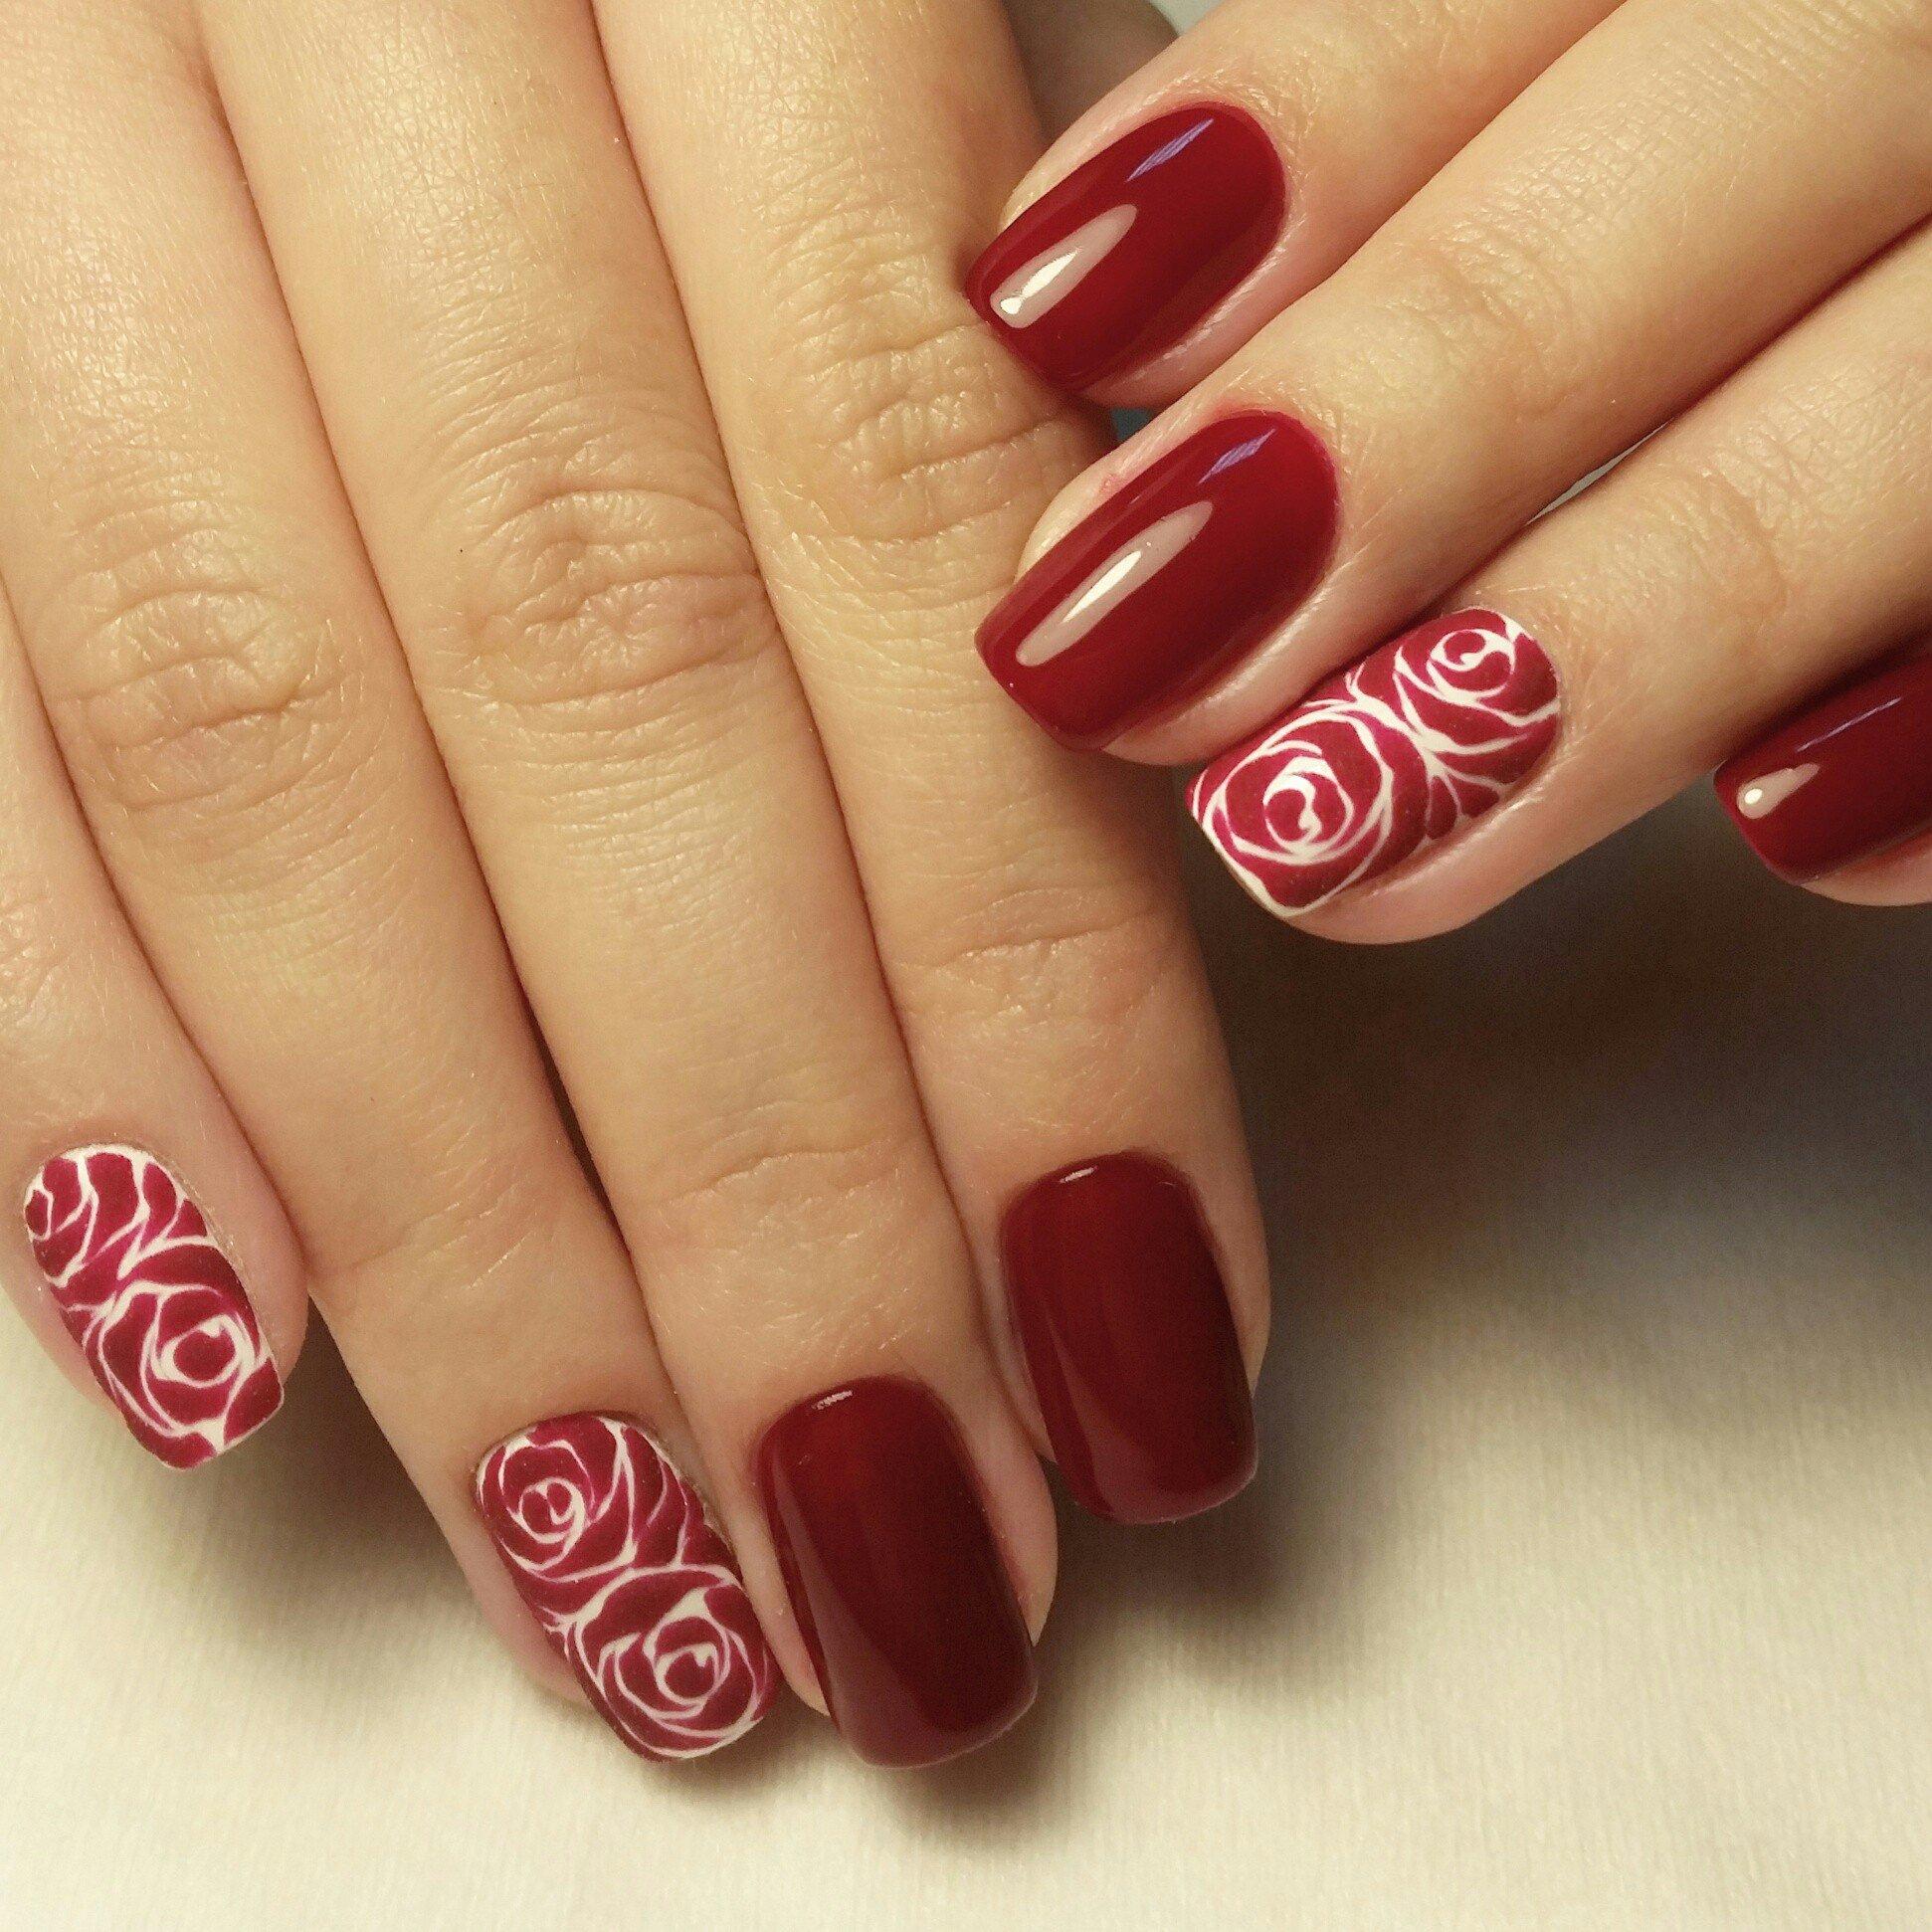 сайте дизайн ногтей с розами фото учитывались такие факторы